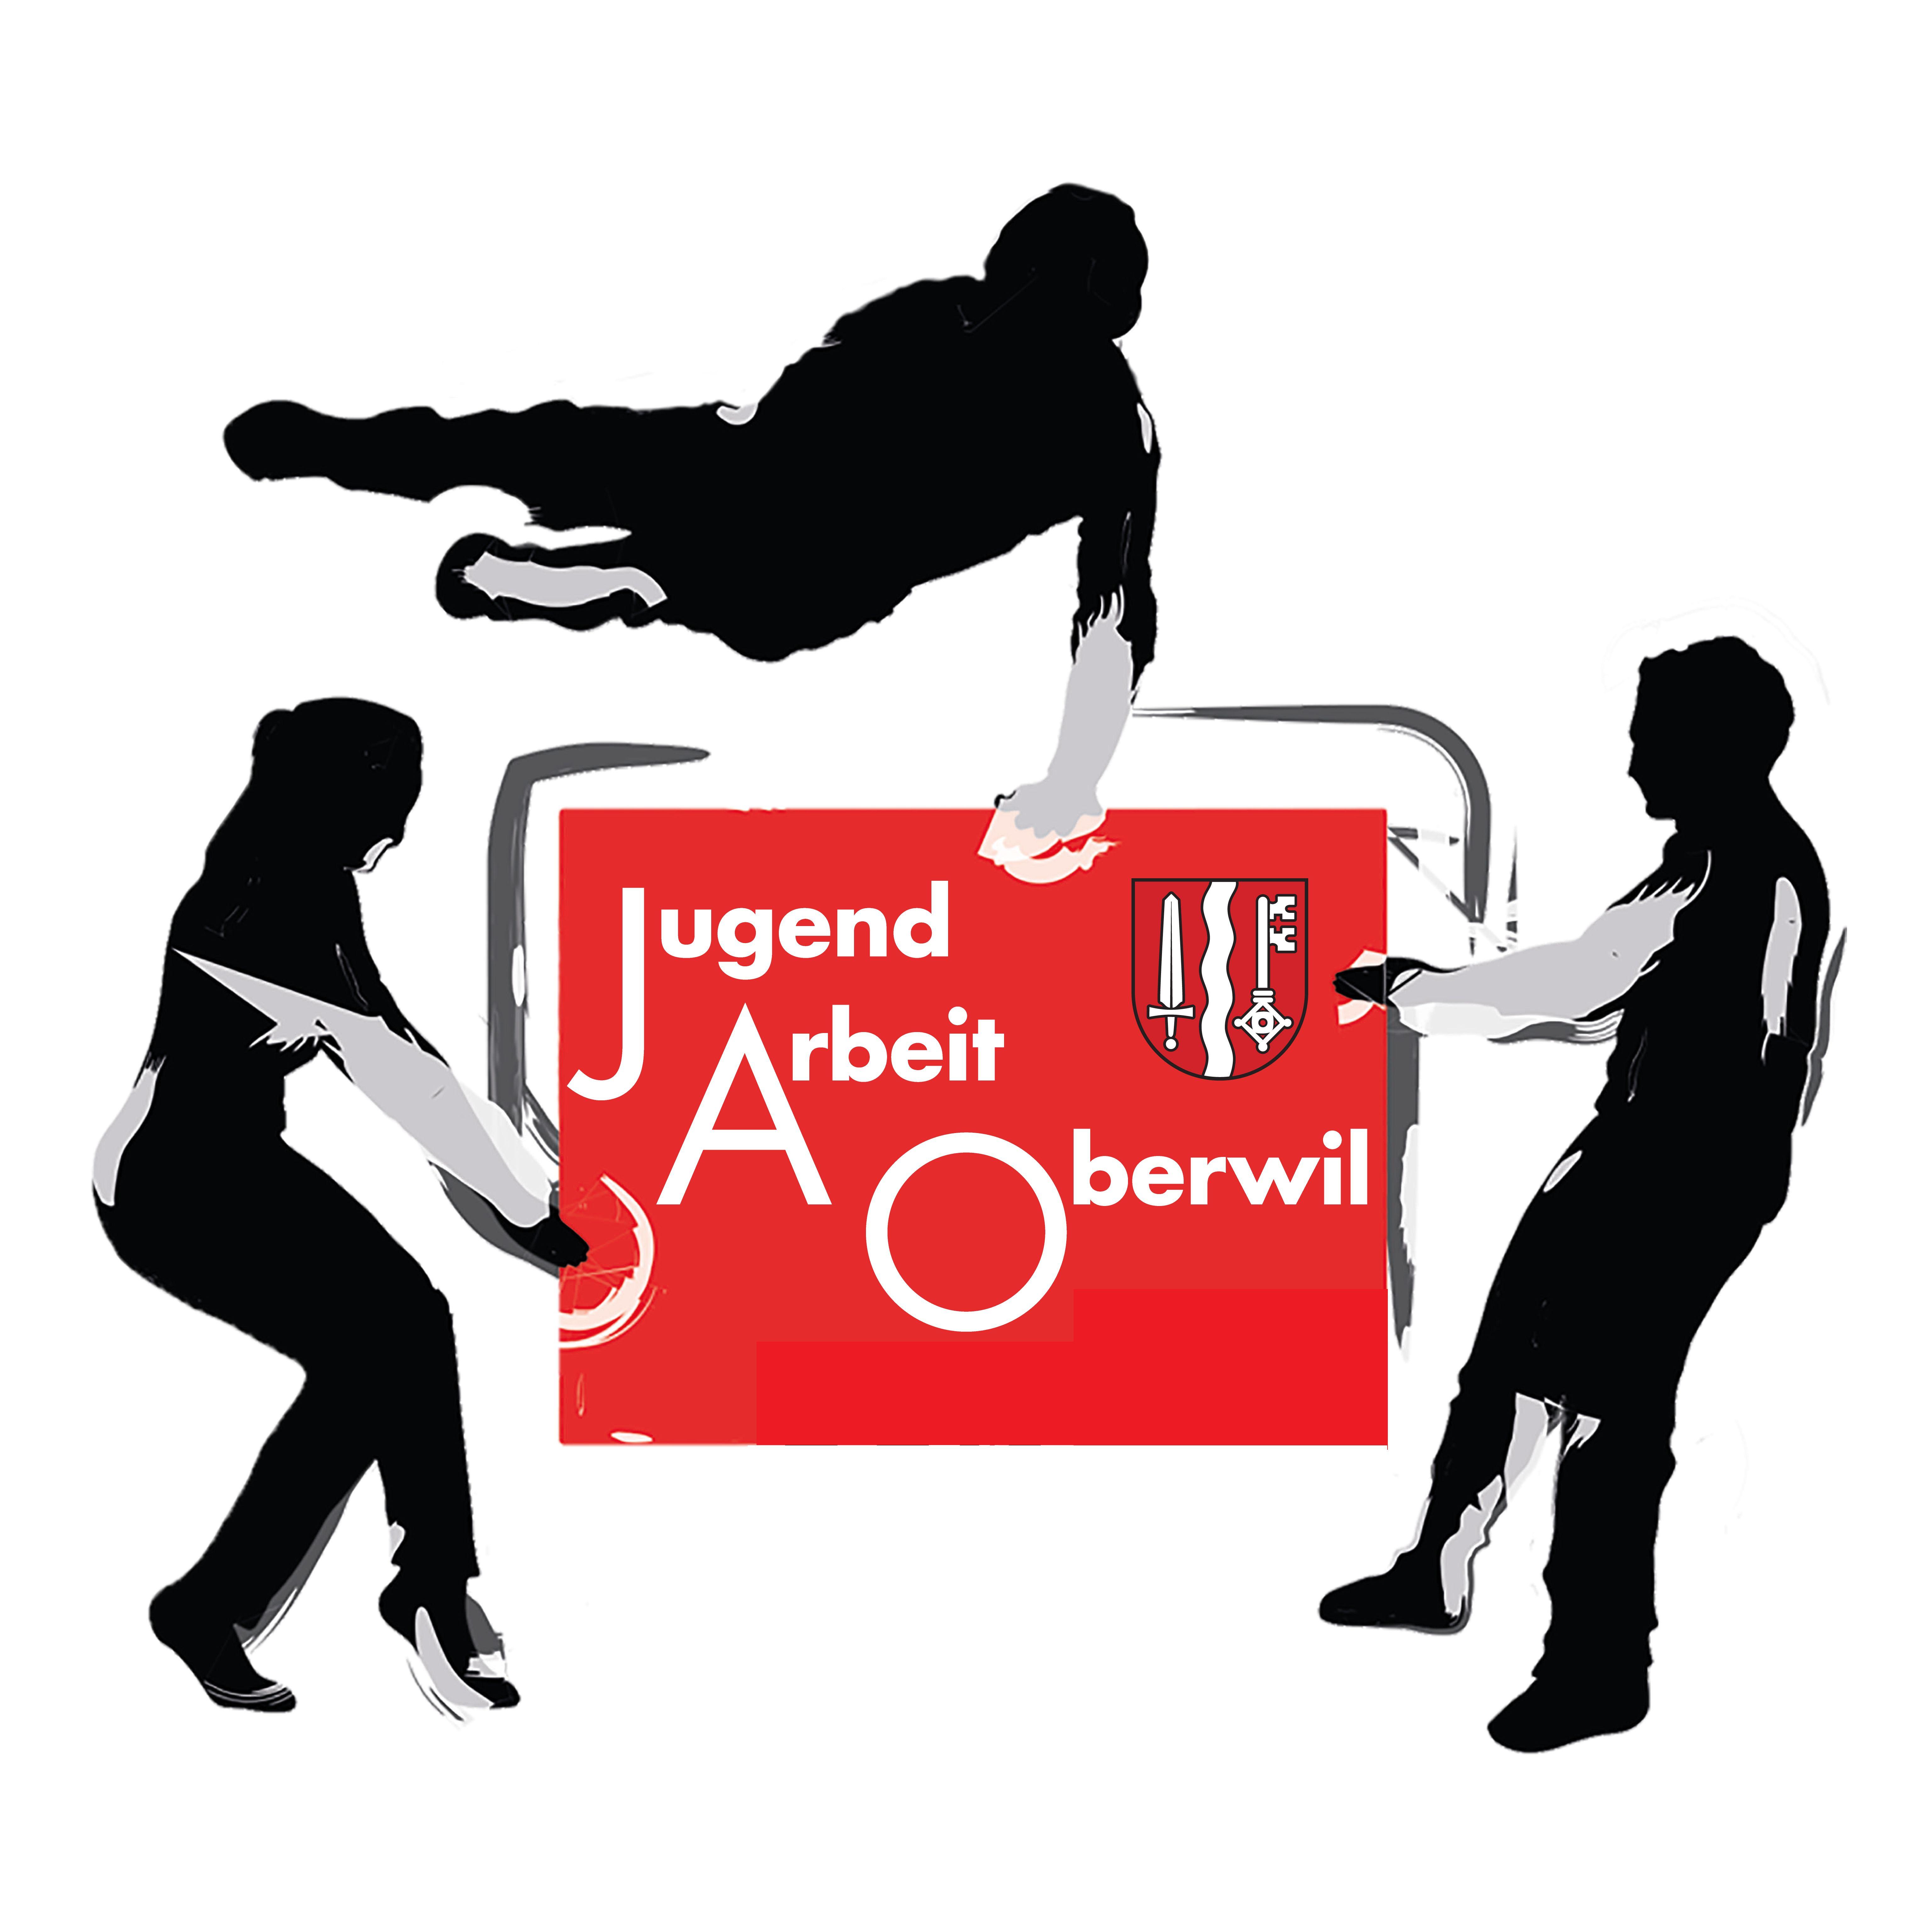 Logo Jugendarbeit mit Wappen gute Qualität ohne Mägi JPG